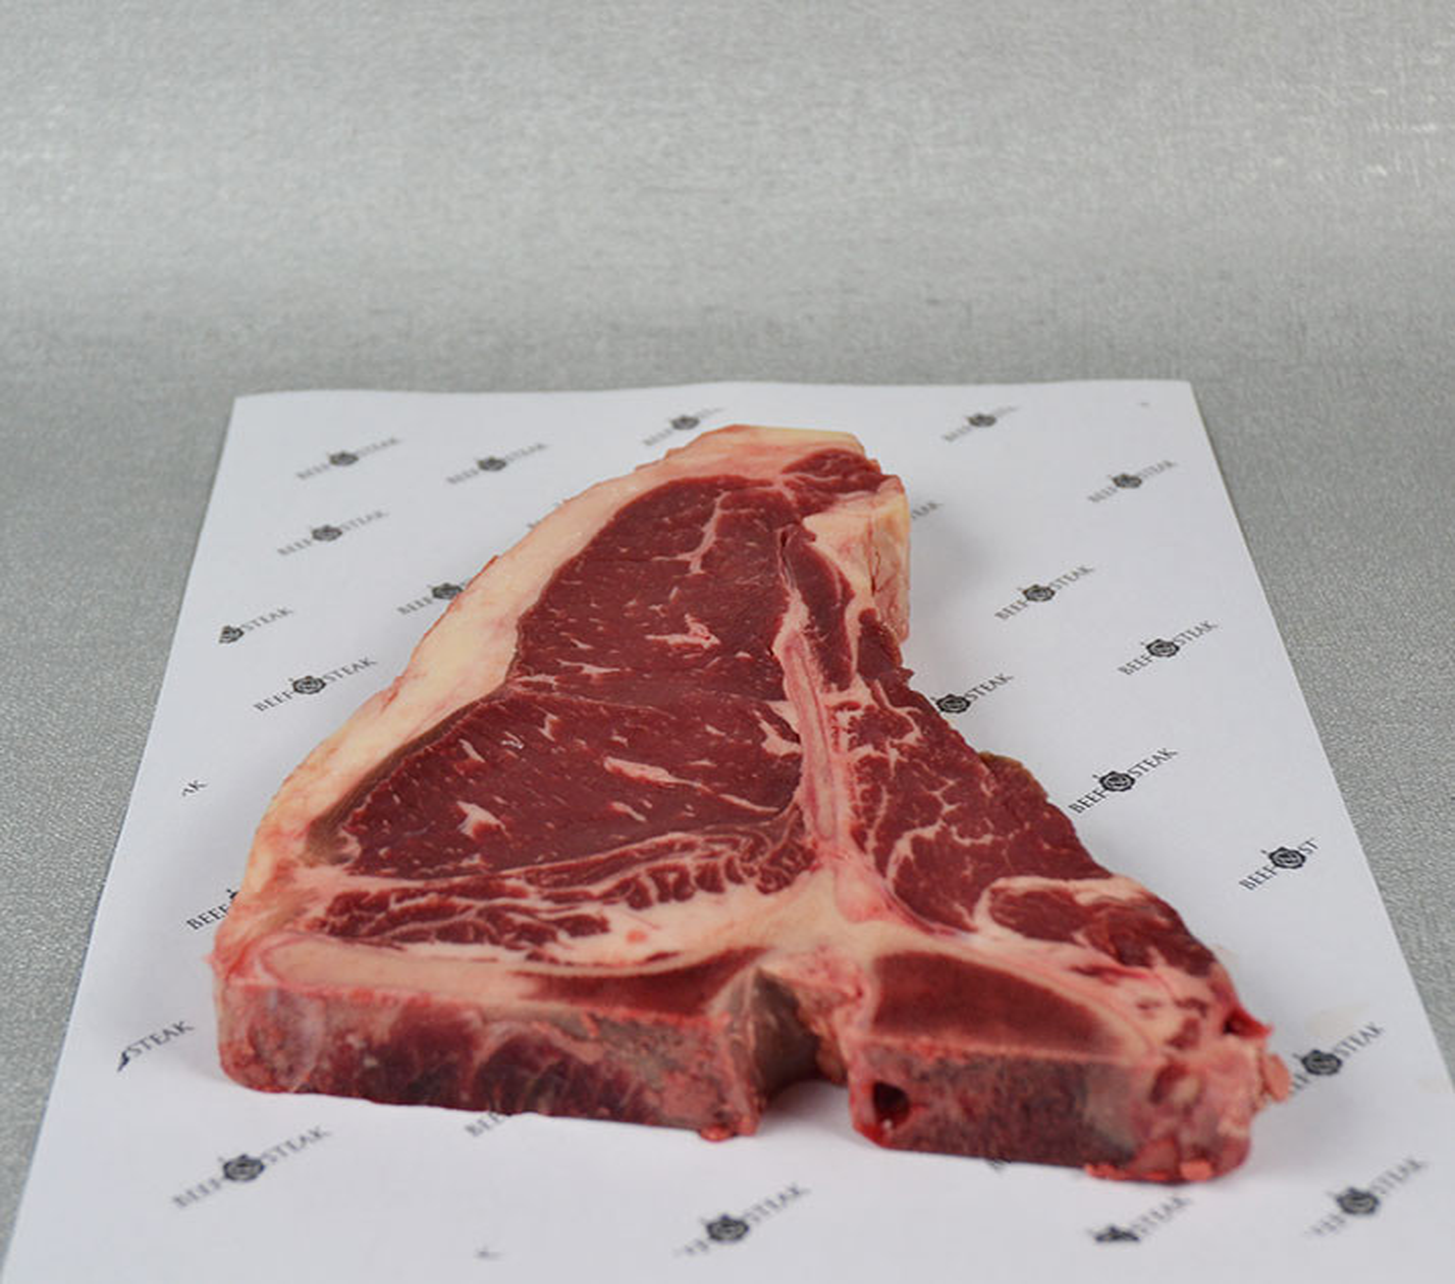 aberdeen-angus-t-bone-steak